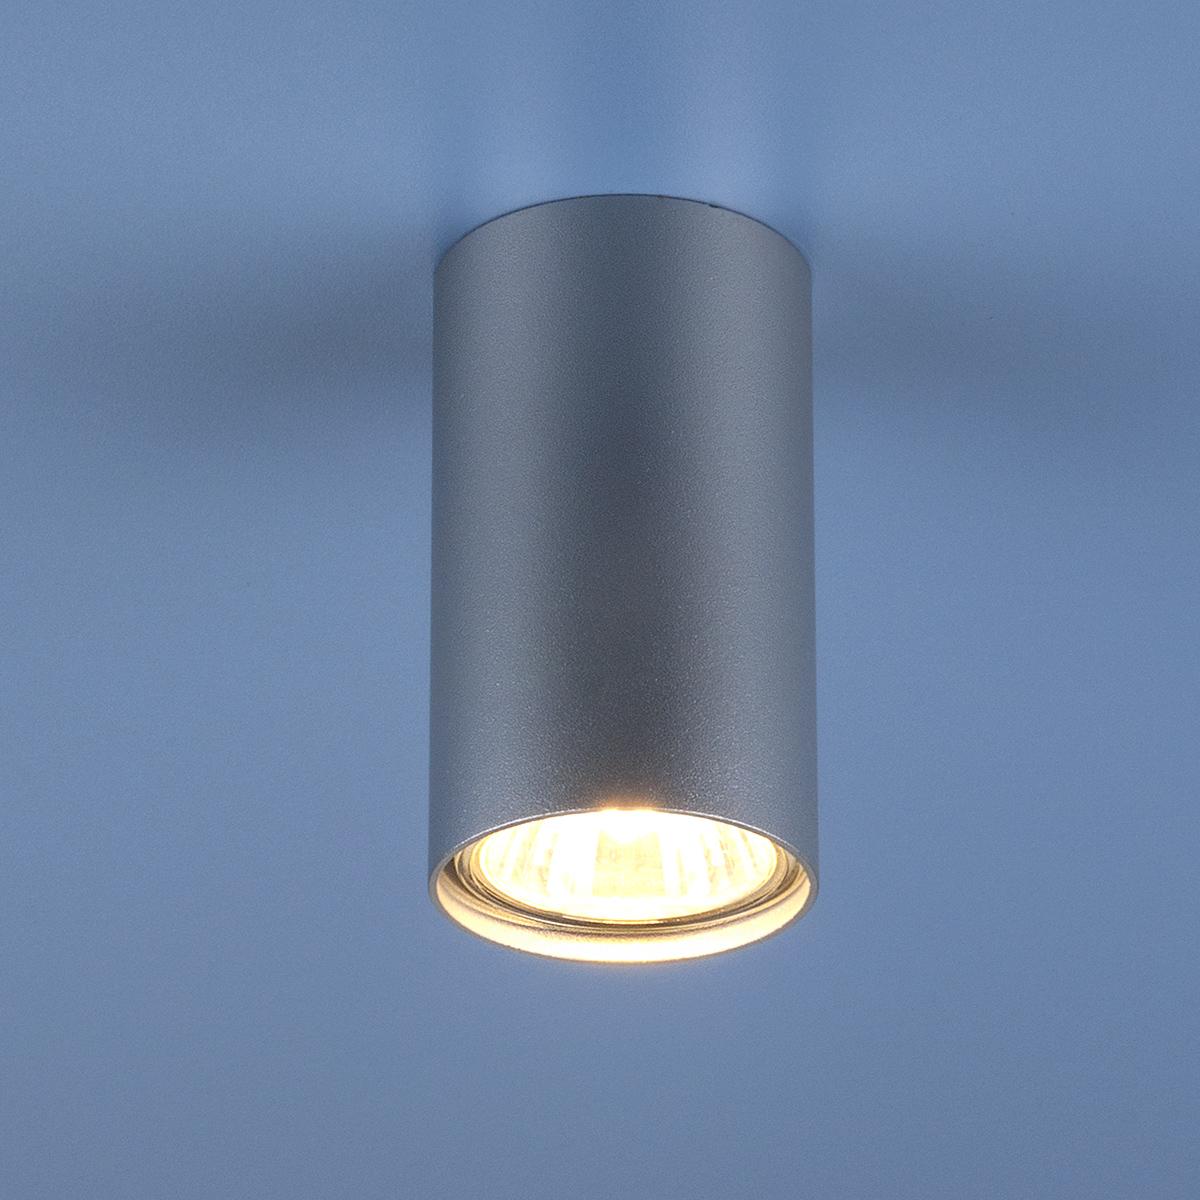 Накладной точечный светильник 5257 SL серебро